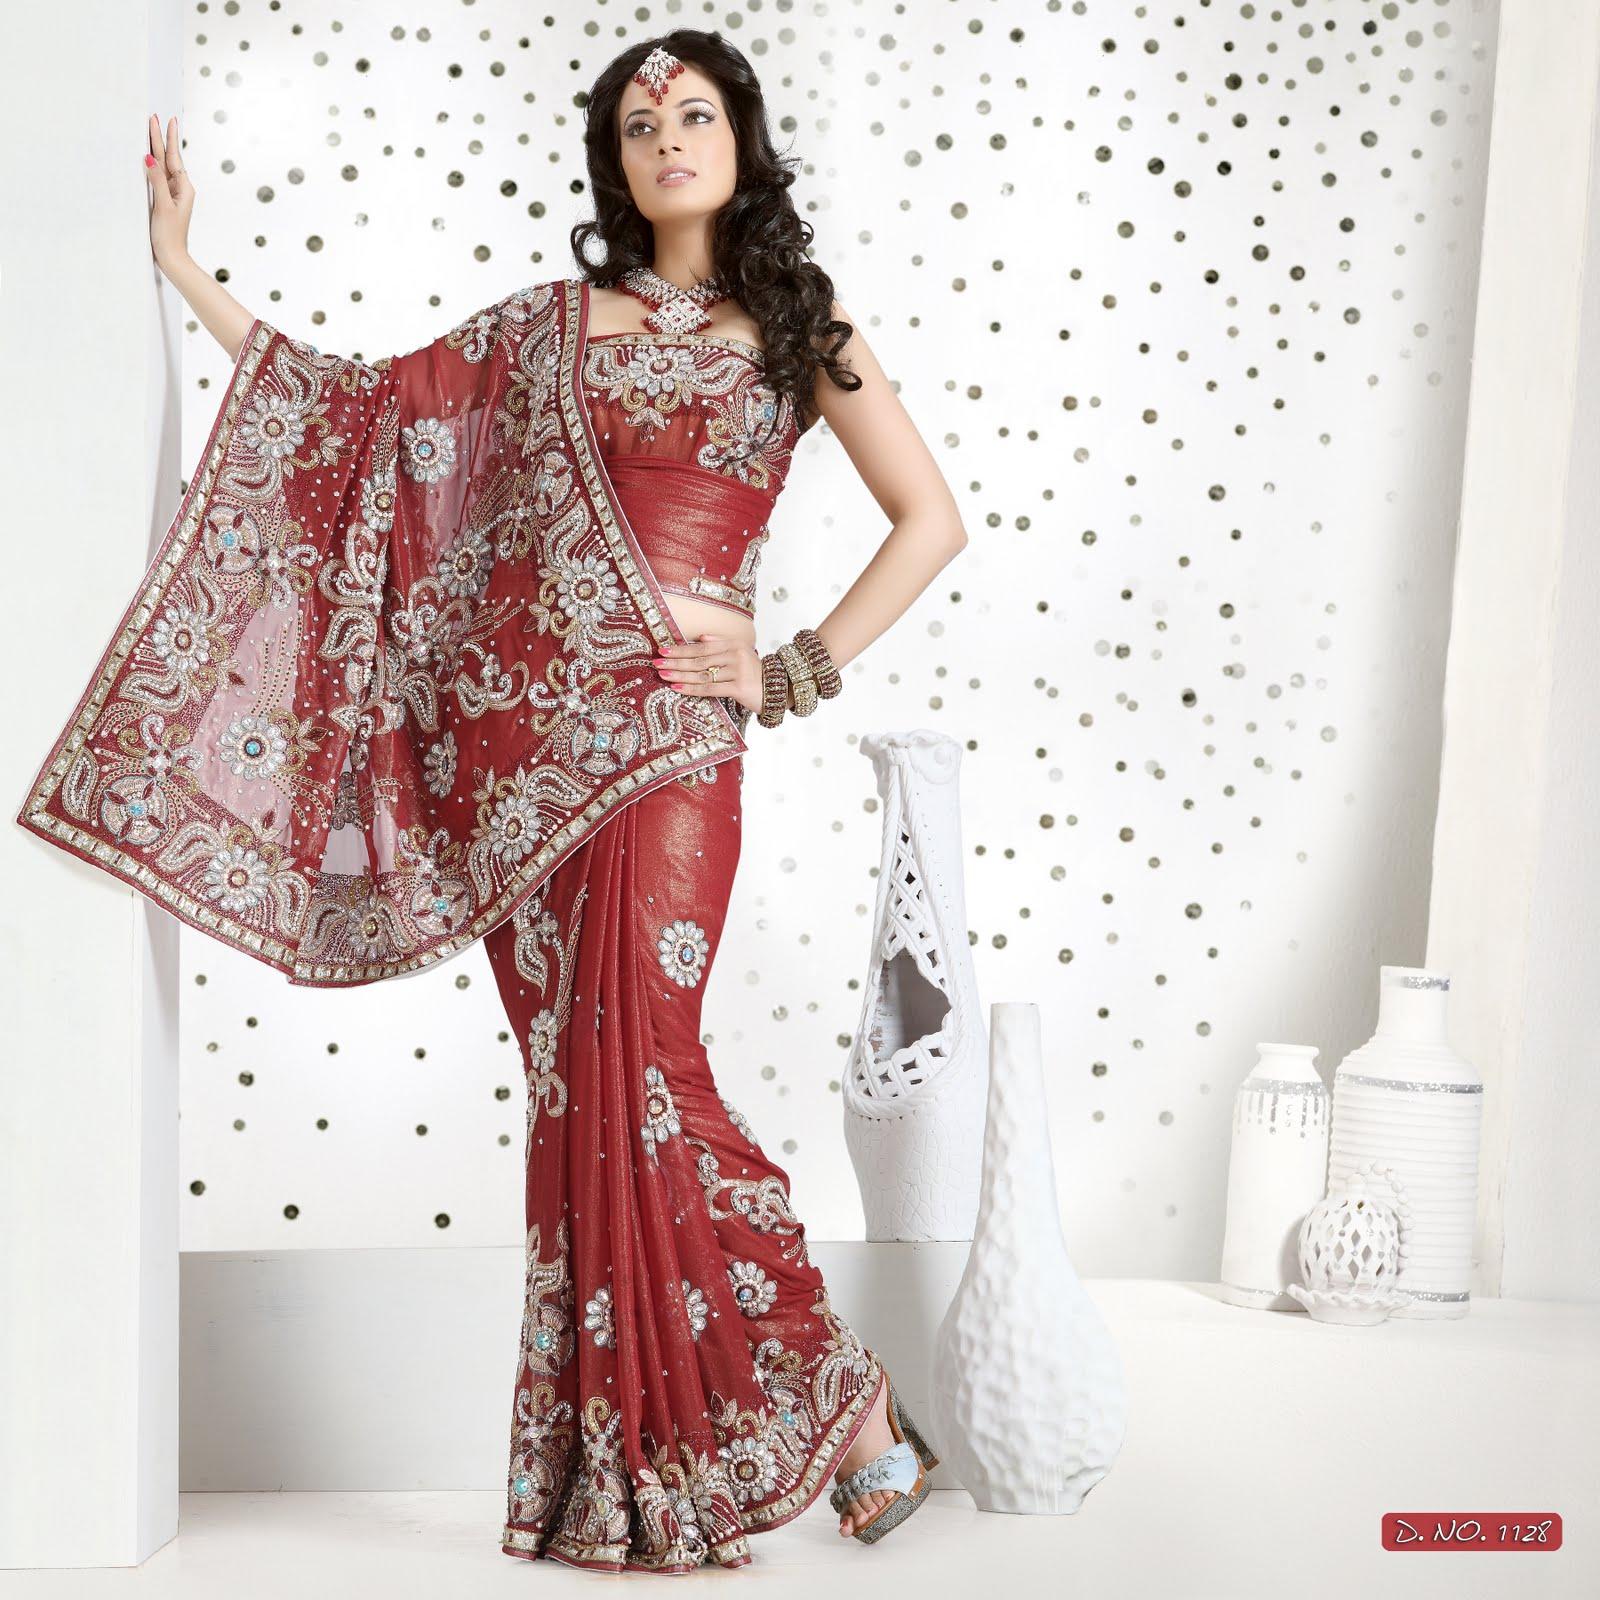 Indian Bridal Wedding Saree 1143